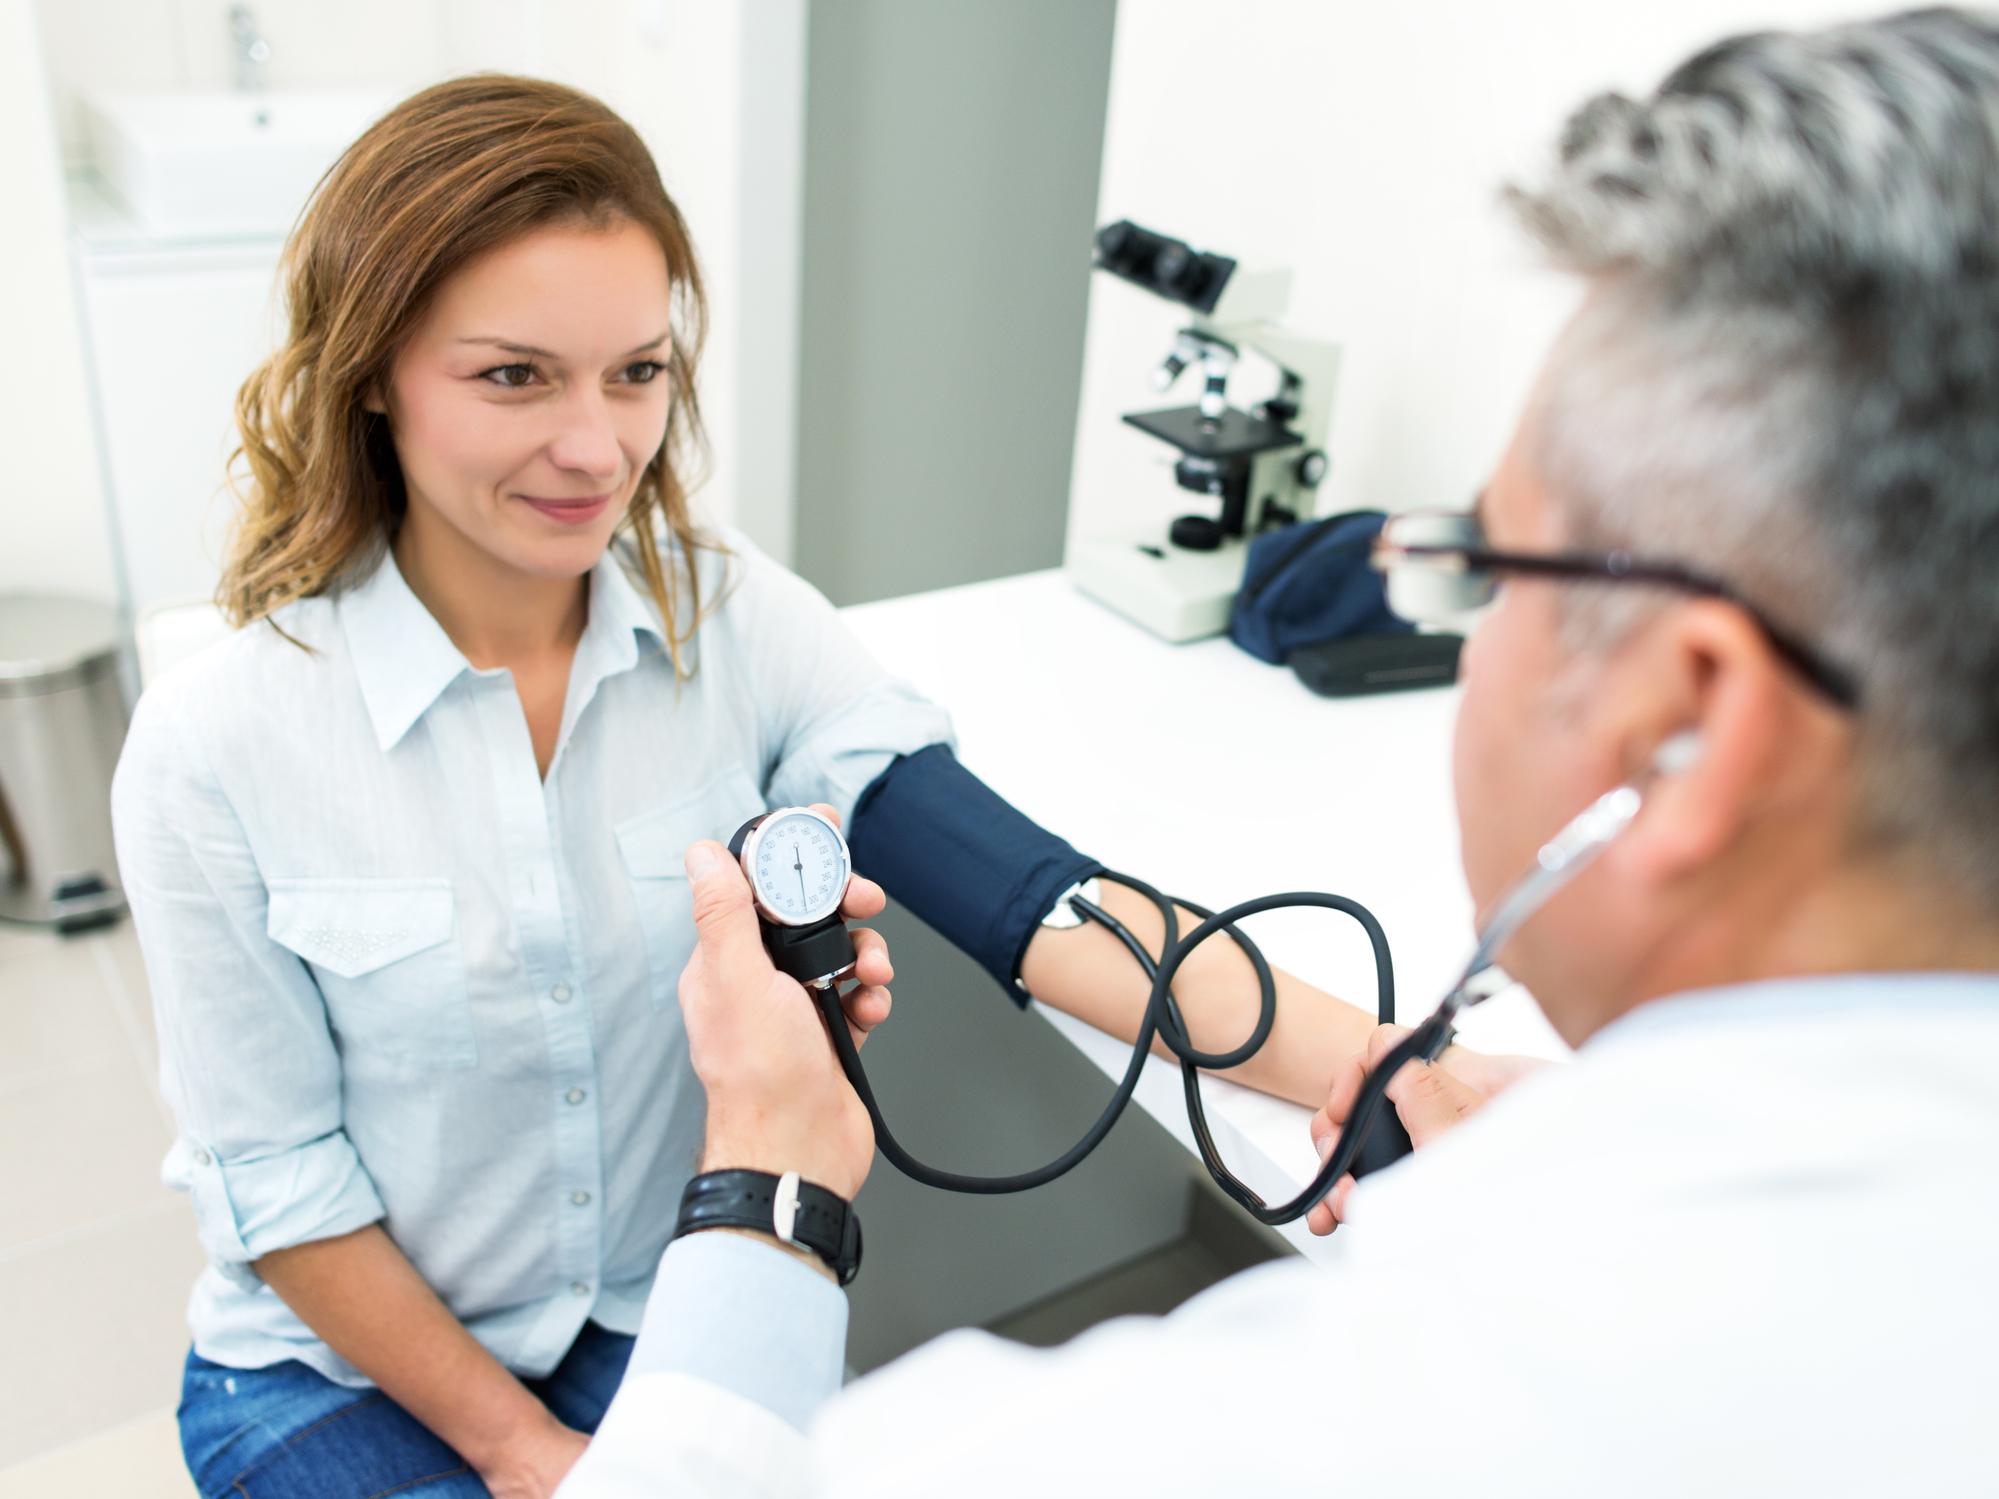 az emberek tanácsai a magas vérnyomás kezelésére